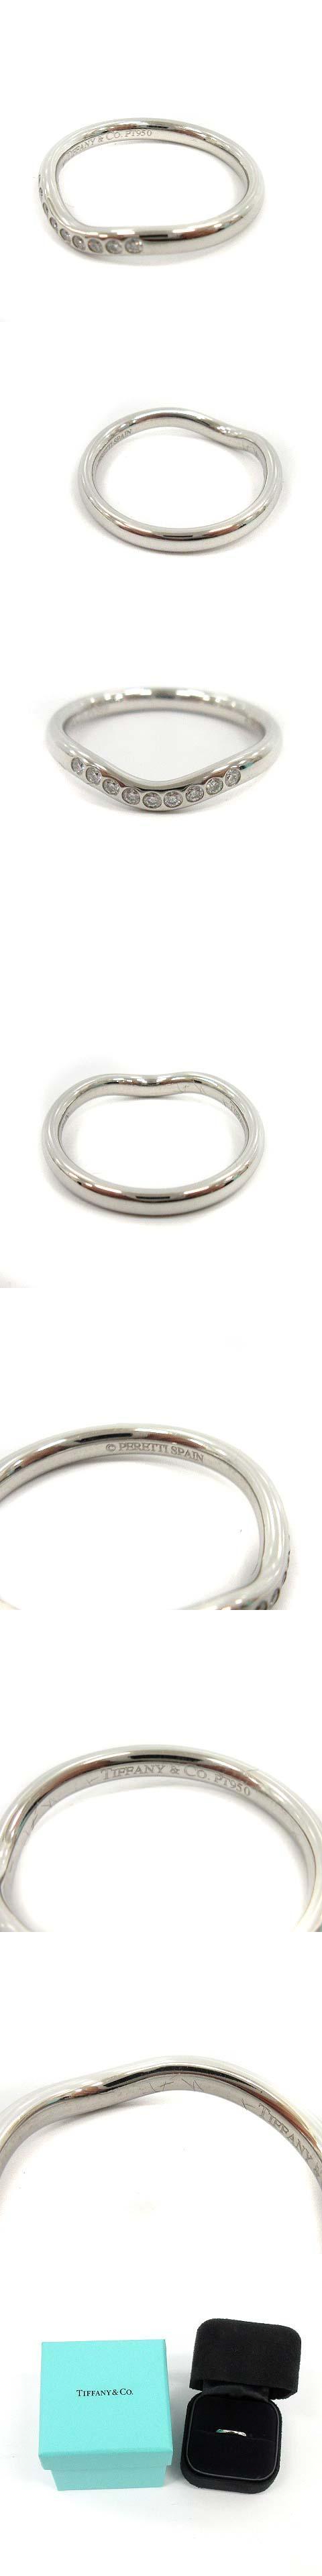 カーブドバンドリング 指輪 9P ダイヤモンド PT950 9号 プラチナ /KH